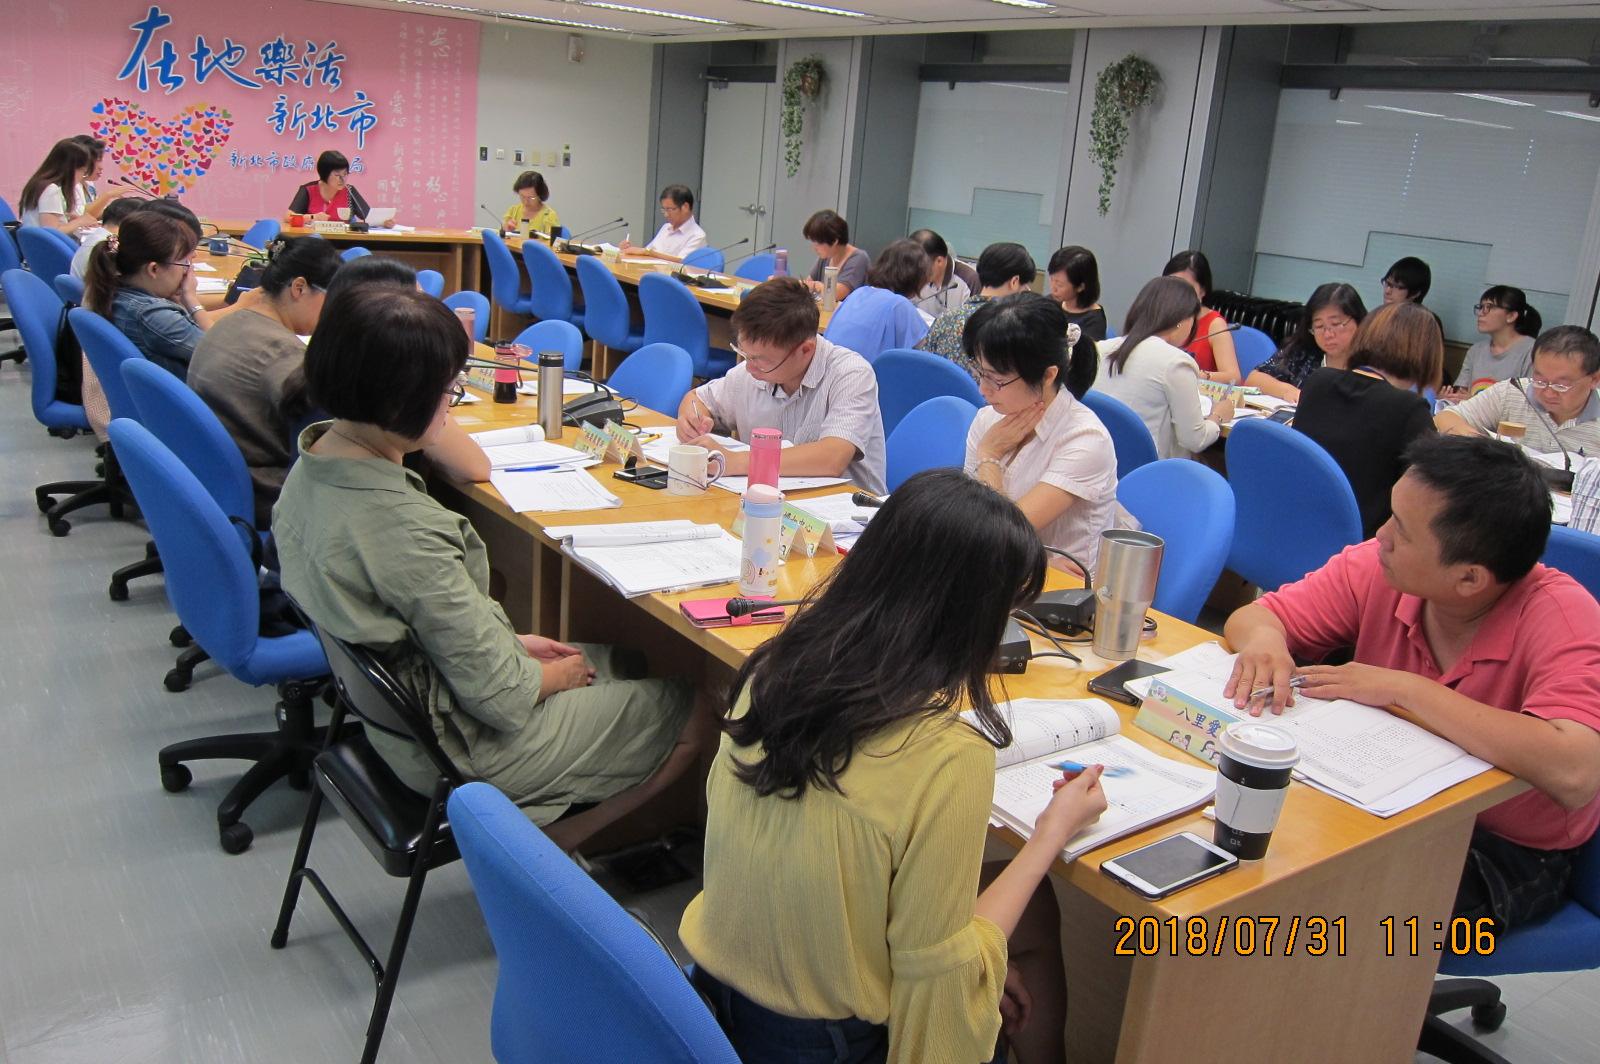 性別平等專案小組第1屆第8次會議紀錄